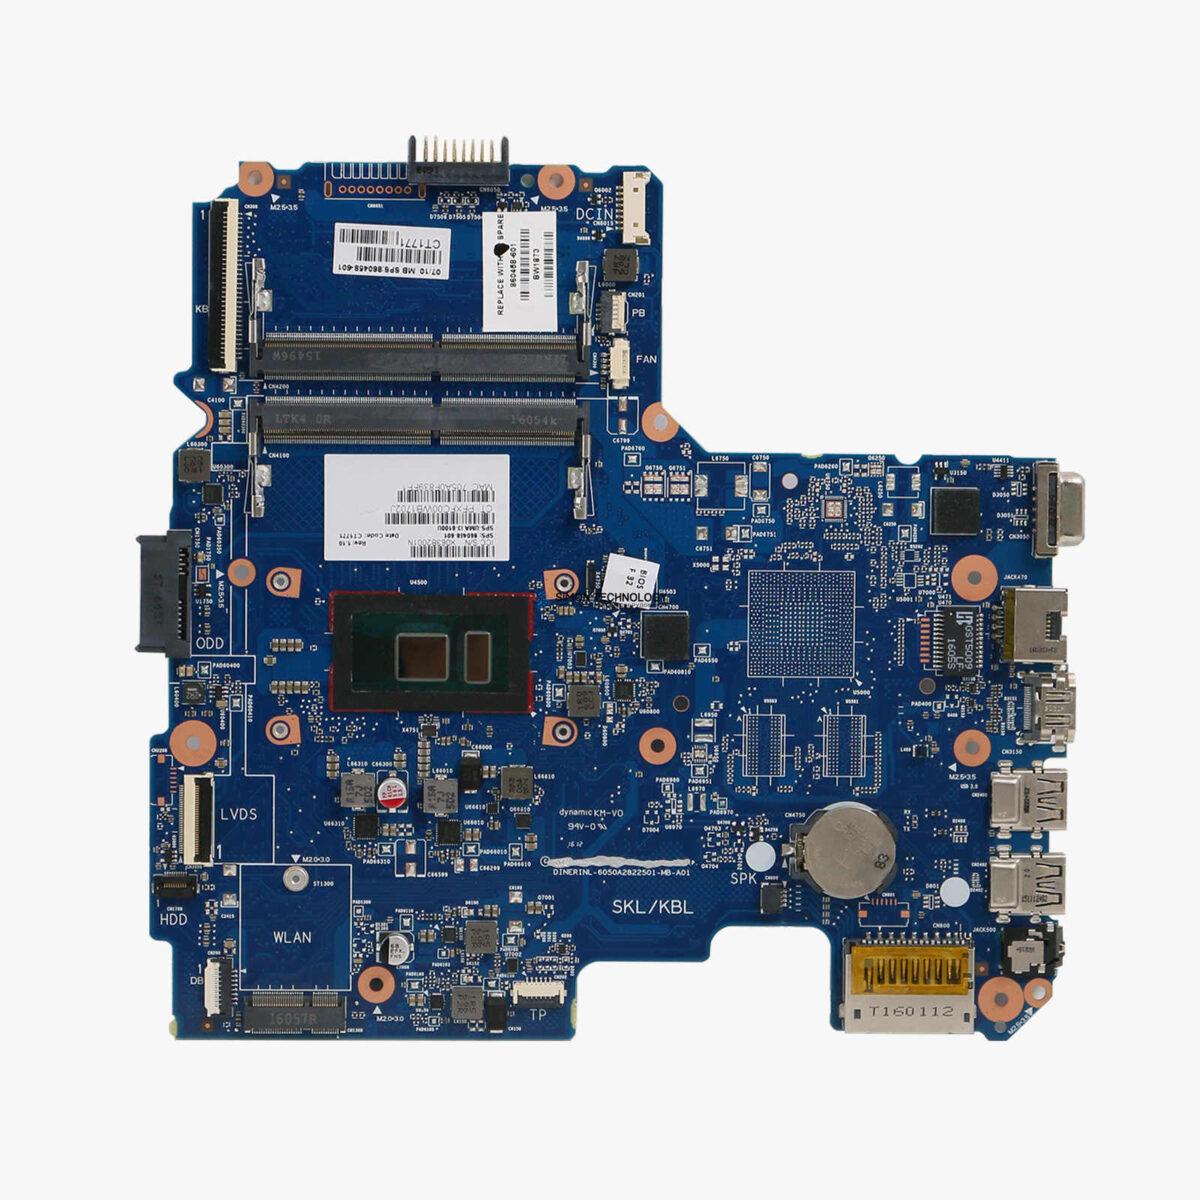 HPI MB DSC R5 M1-30 2GB i3-500 (858027-001)